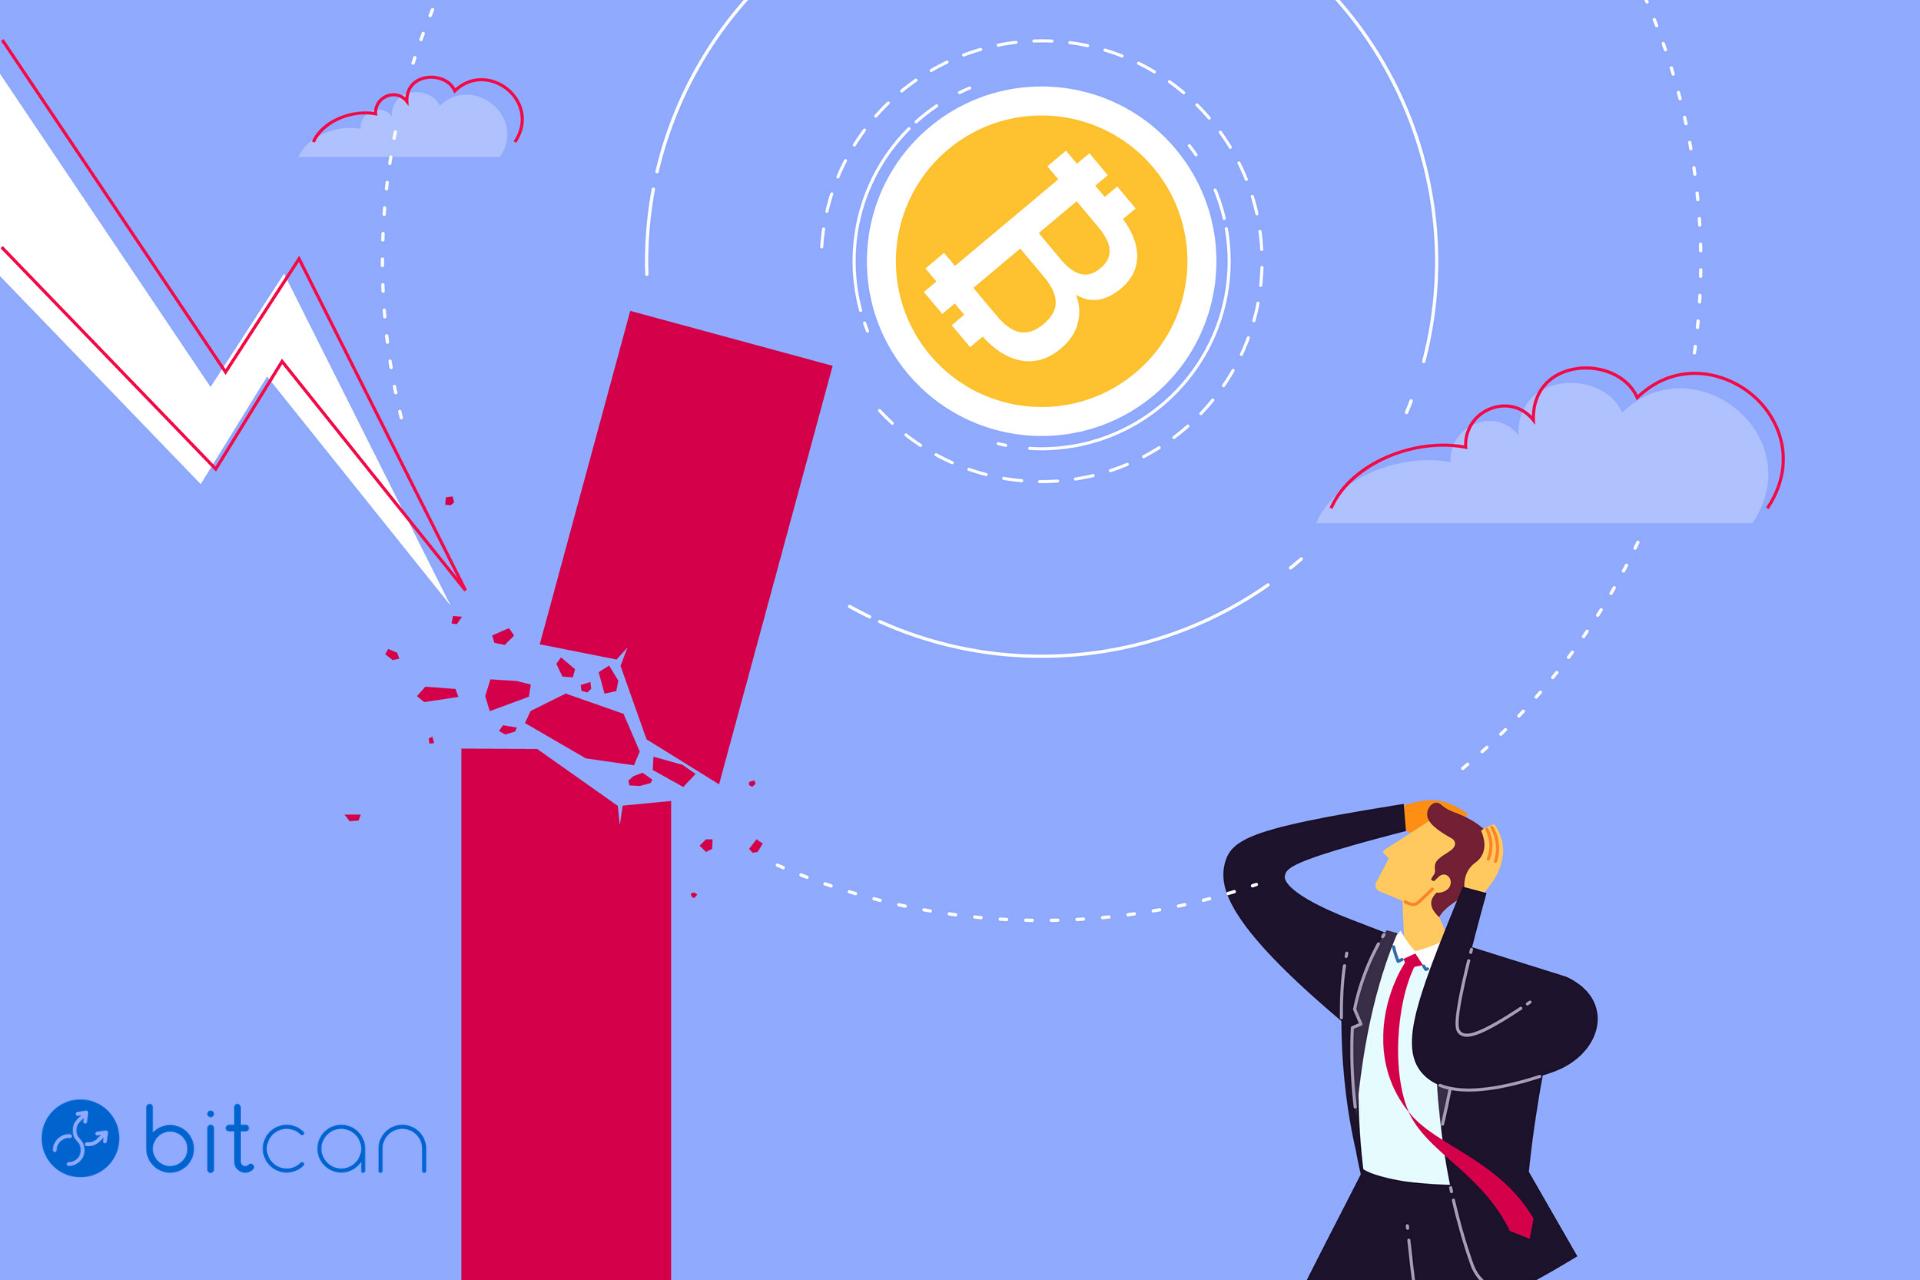 Kiedy Bitcoin był najtańszy?